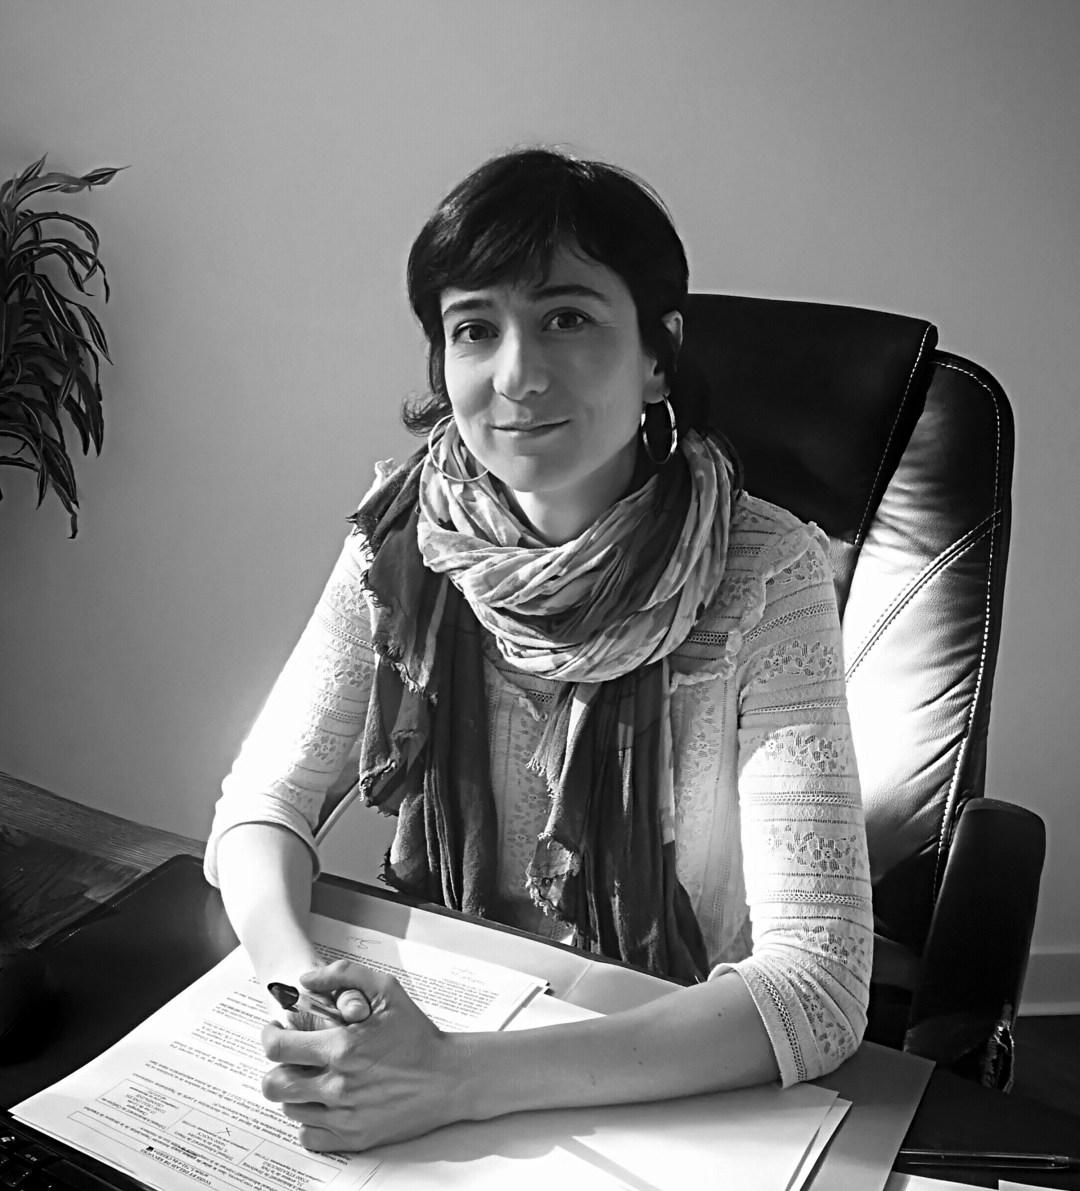 Avocats à Nancy - CABINITIO - Isabelle Coche-Mainente